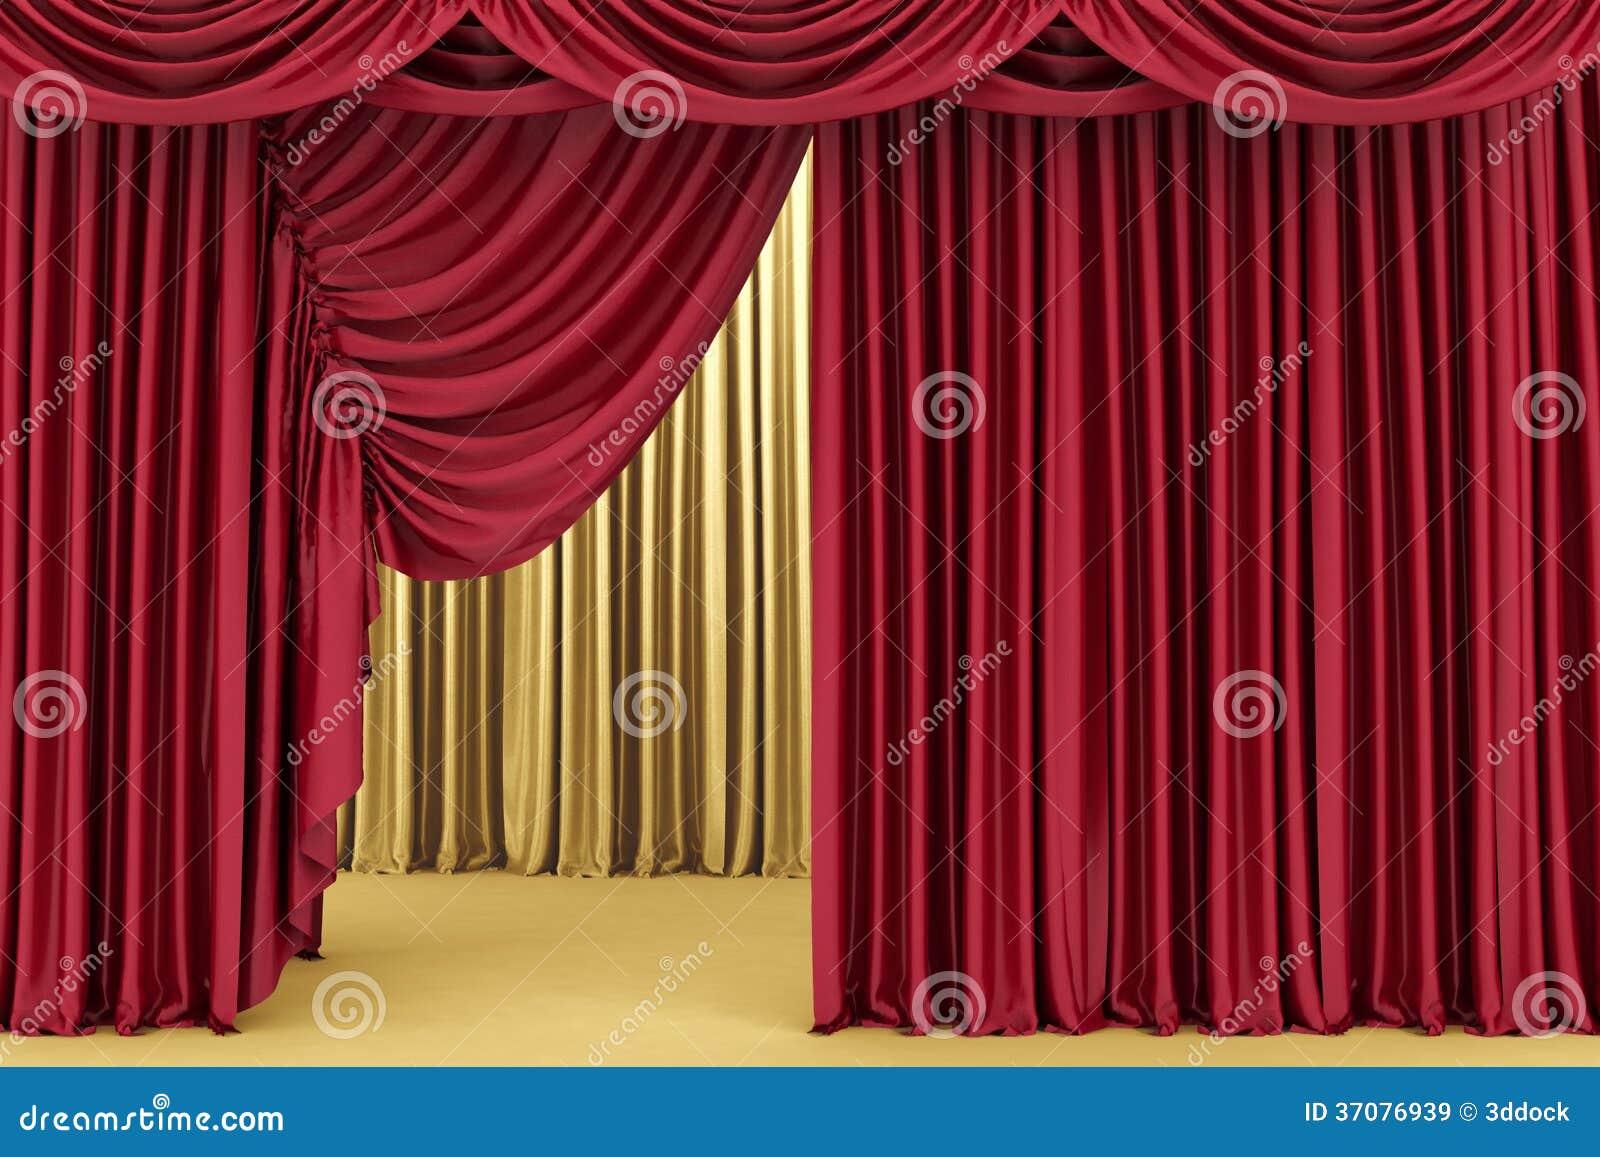 Download Czerwona Teatr Zasłona, Tło Ilustracji - Ilustracja złożonej z ilustracje, kino: 37076939